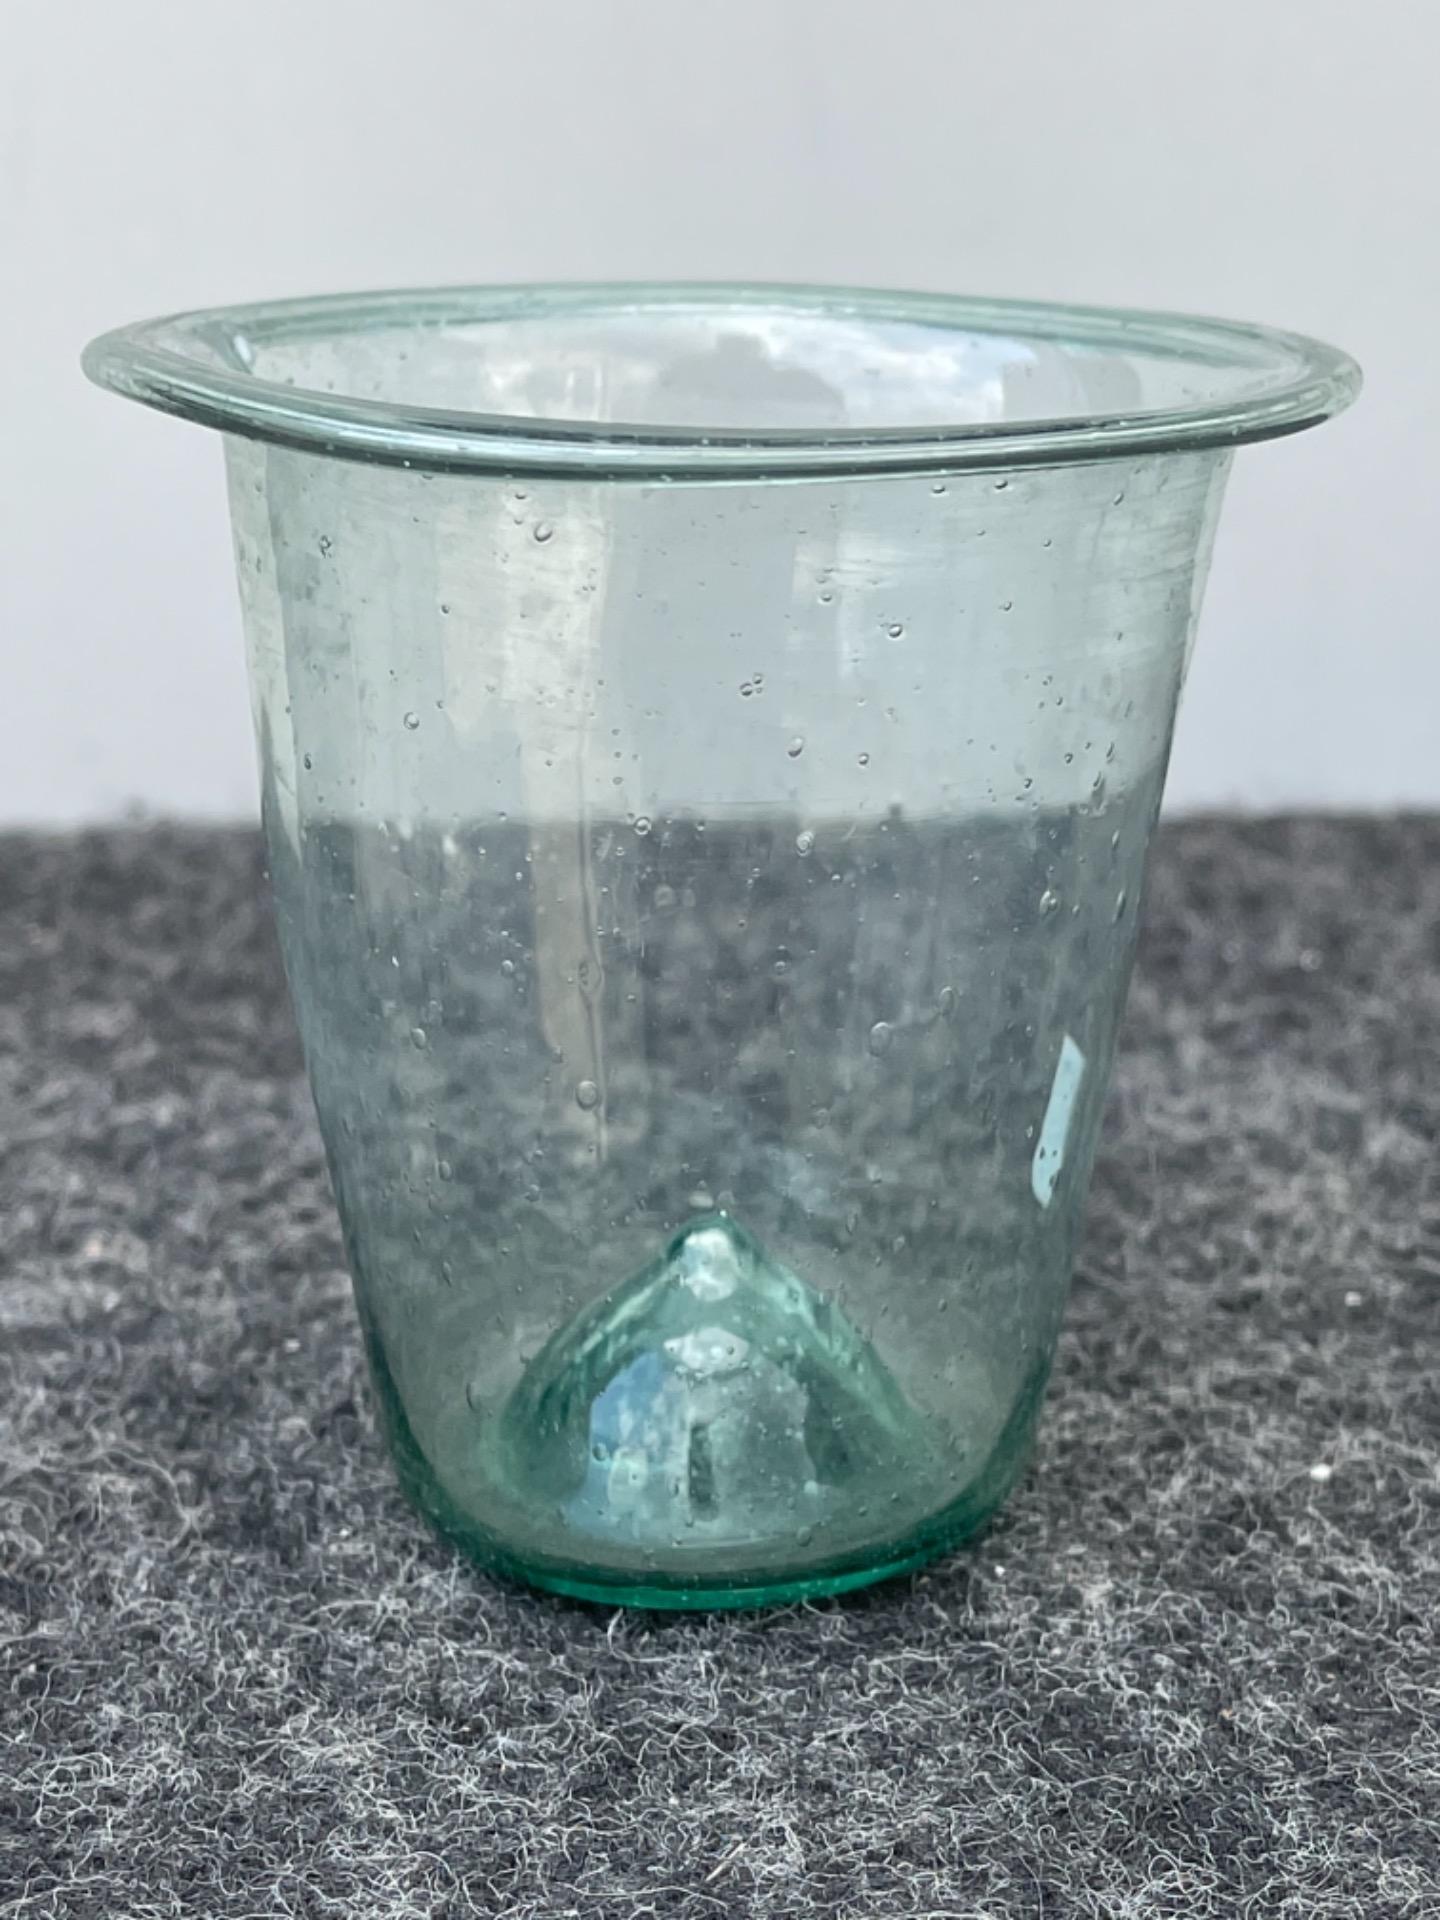 Vasetto in vetro soffiato leggero da farmacia.Modena